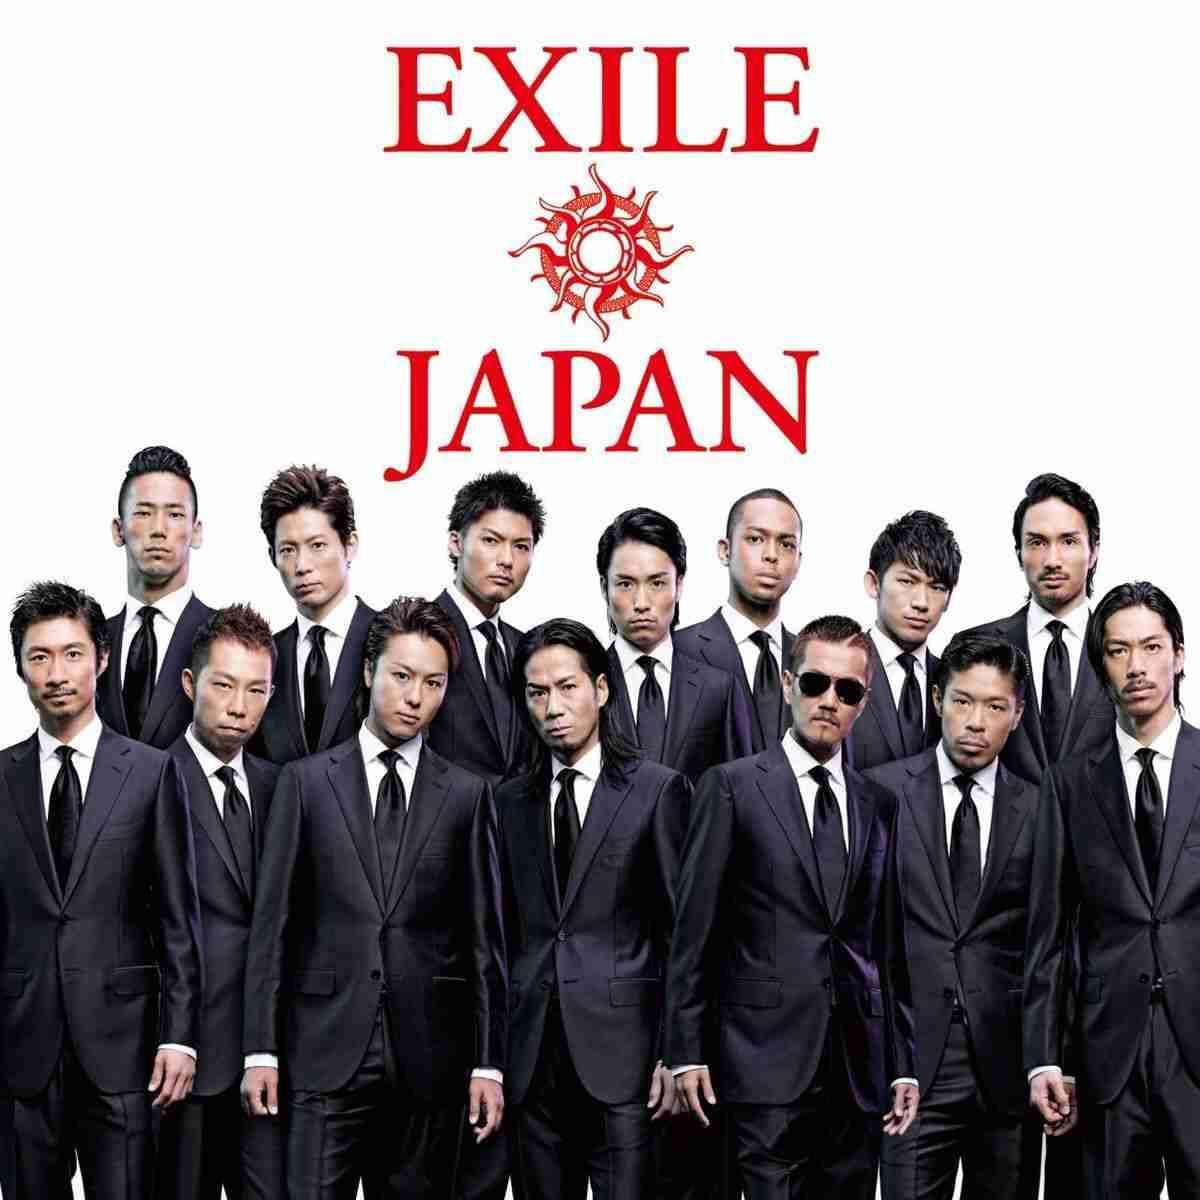 EXILE一族が政治家だったらありがちなこと